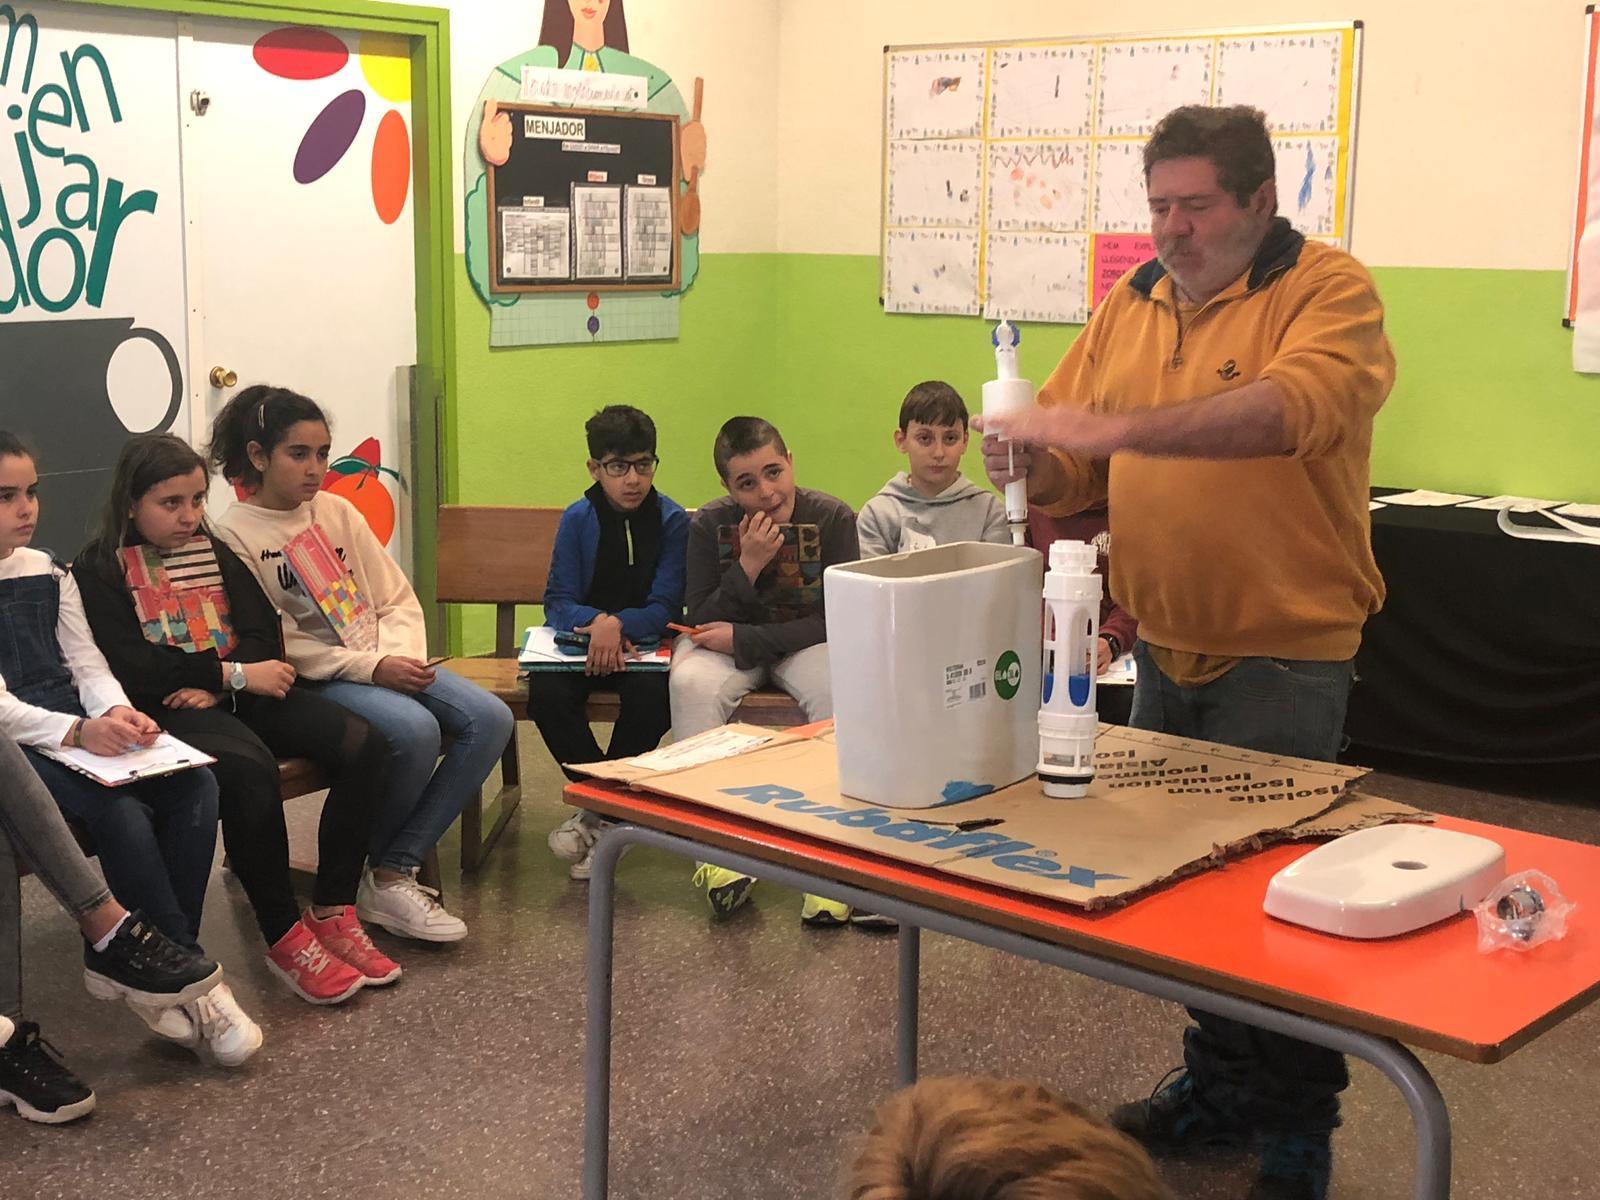 Profesionales de diferentes áreas acuden a las aulas para ayudar al alumnado con sus proyectos. / Foto: Ángela Bransuela